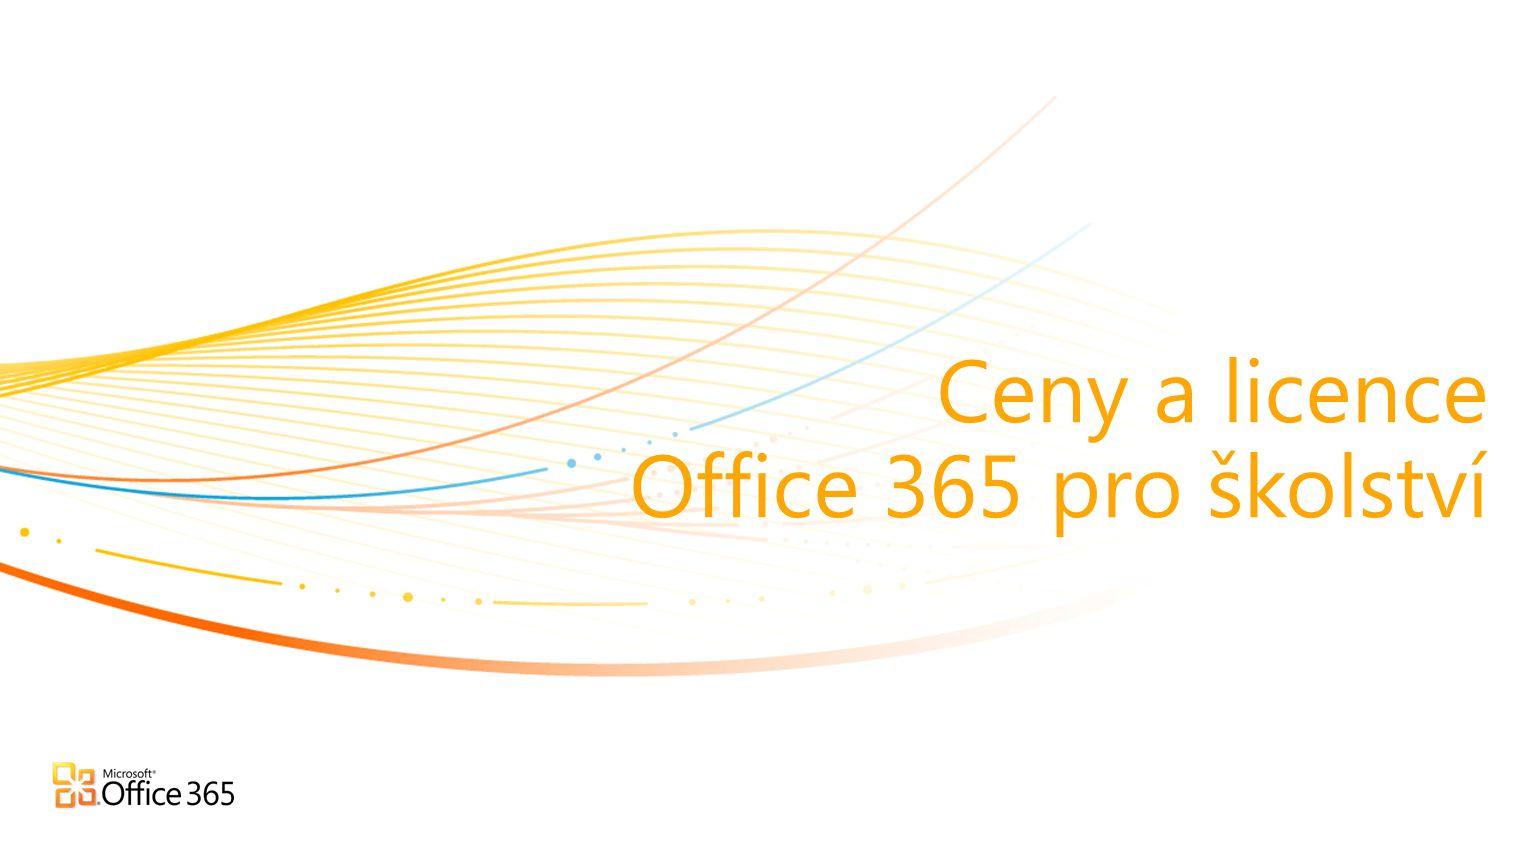 | Copyright© 2010 Microsoft Corporation Office 365 Desktop Setup Zkontroluje, zda počítač nevyžaduje aktualizace, a nakonfiguruje aplikace systému Office pro práci se službami Microsoft Office 365 Aktualizuje Windows a Office Konfiguruje Microsoft Office po použití s Office 365 Ověřuje předplatné uživatele a vybírá konfiguraci (pouze) kompatibilních aplikací Umožňuje uživateli kontrolovat konfigurační změny